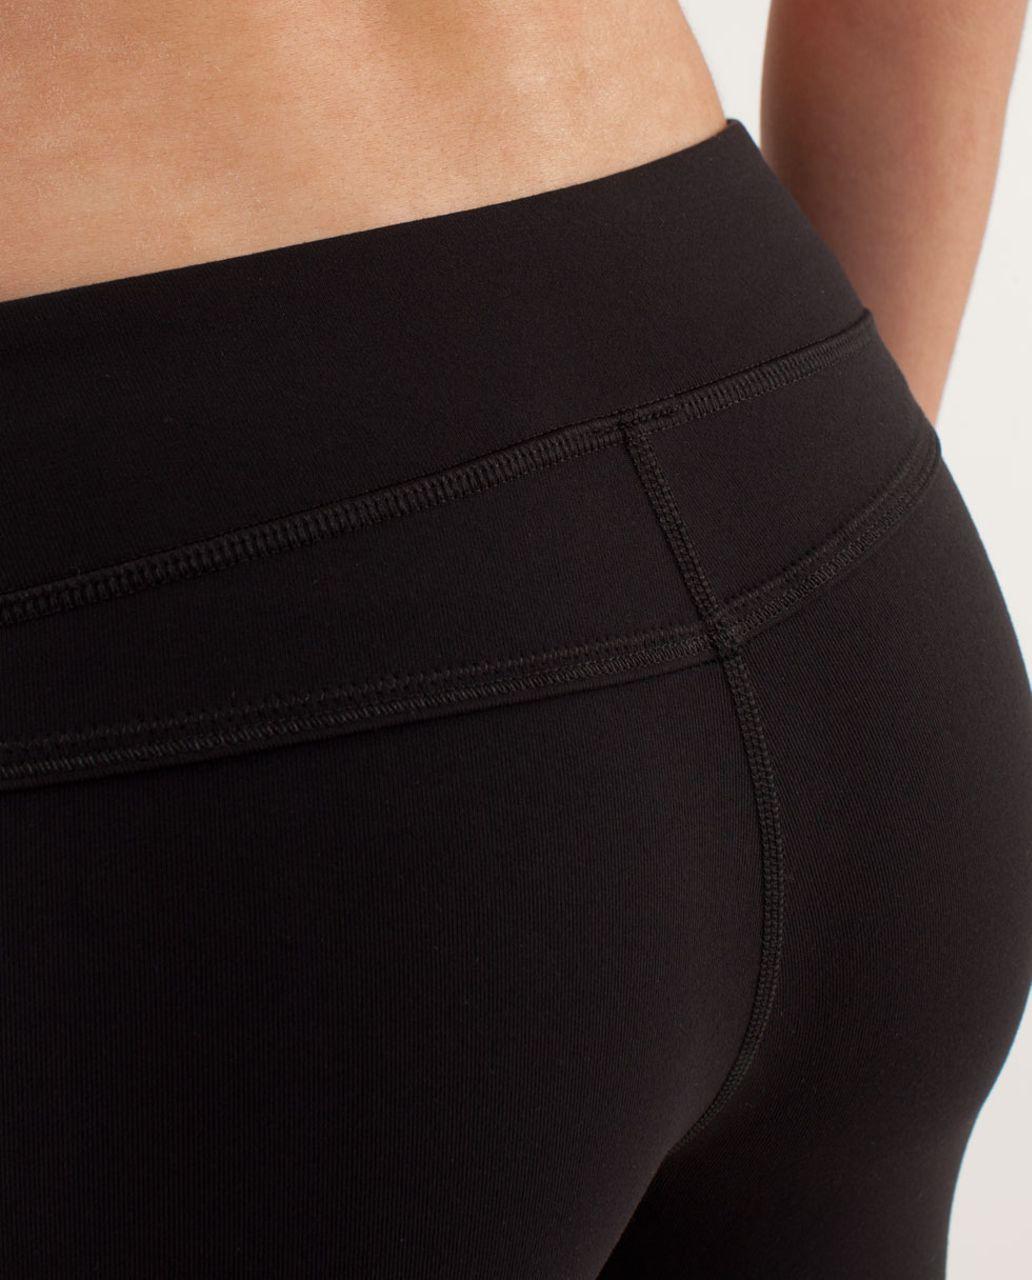 Lululemon Straight To The Studio Pant - Black